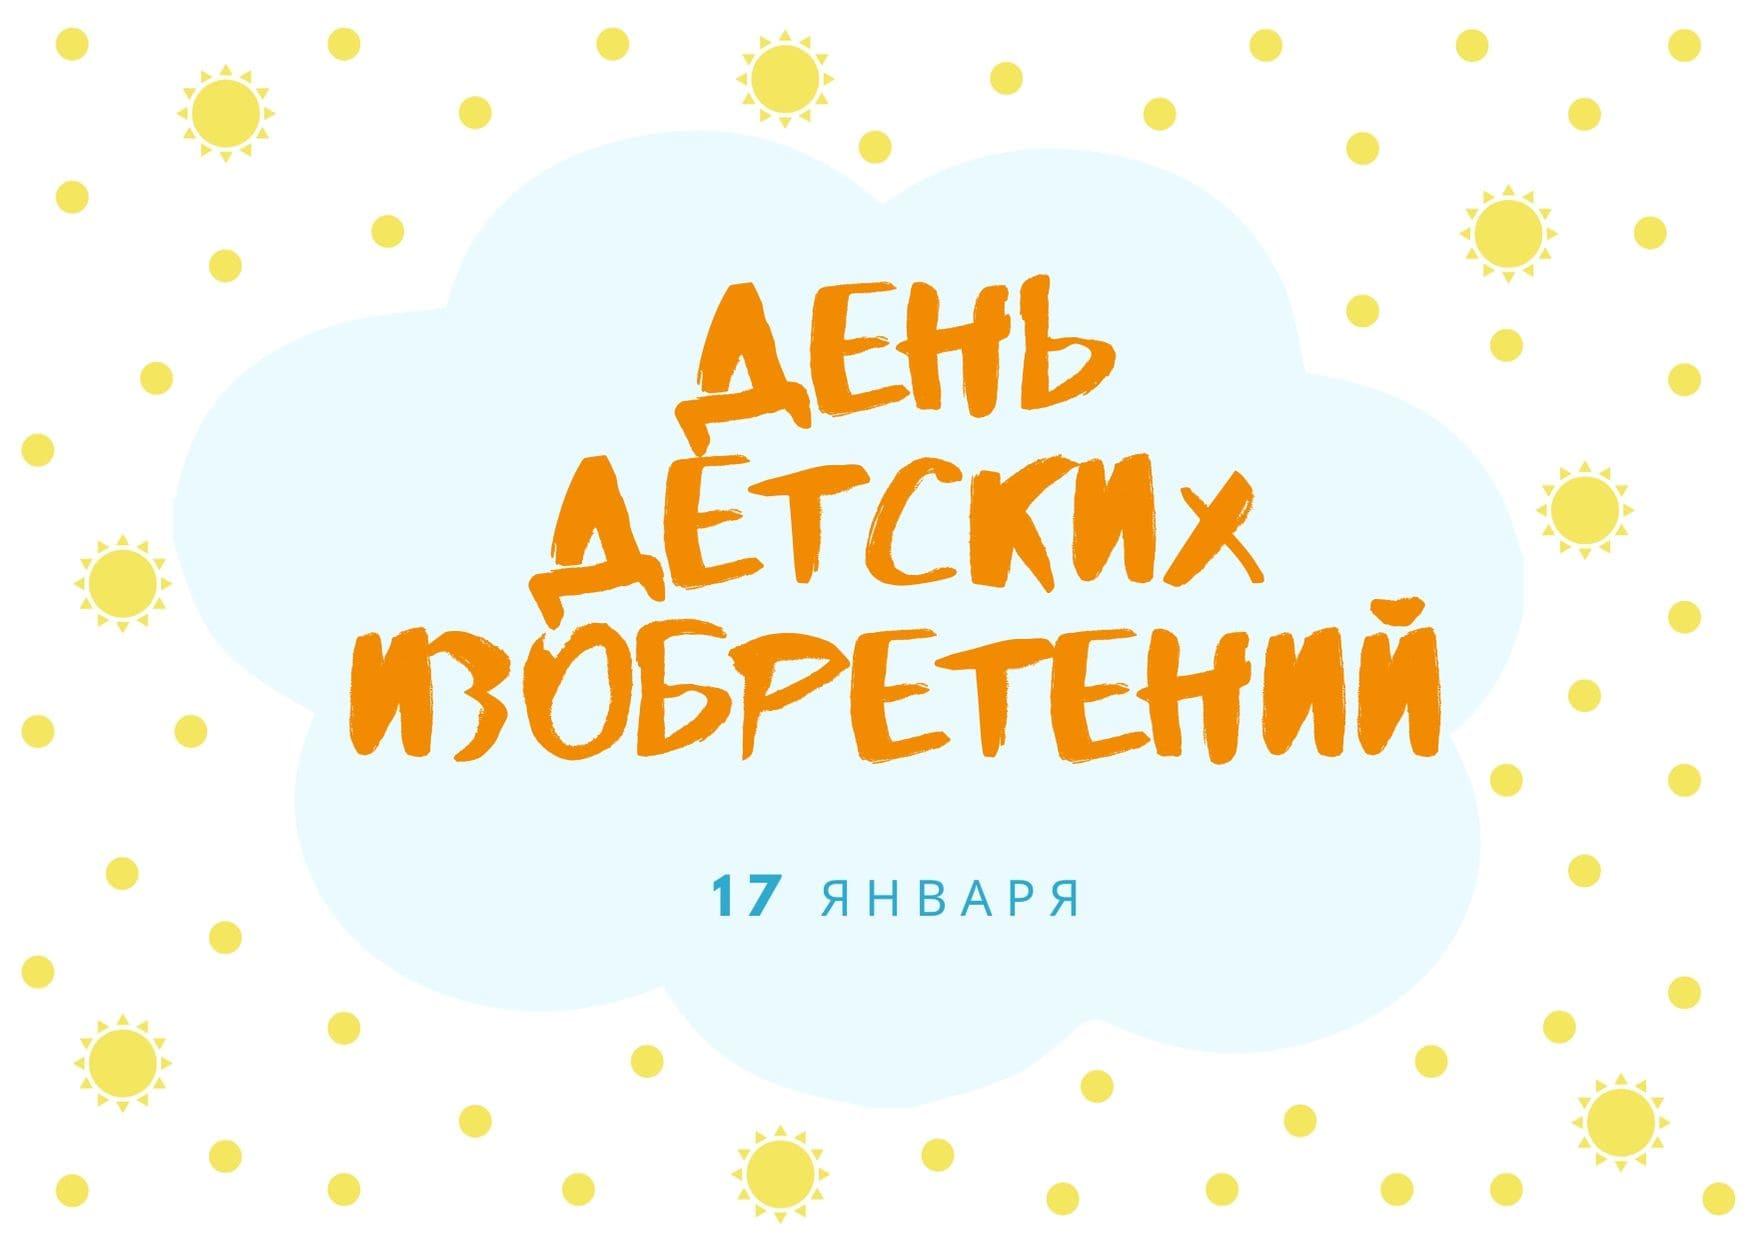 День детских изобретений. 17 января